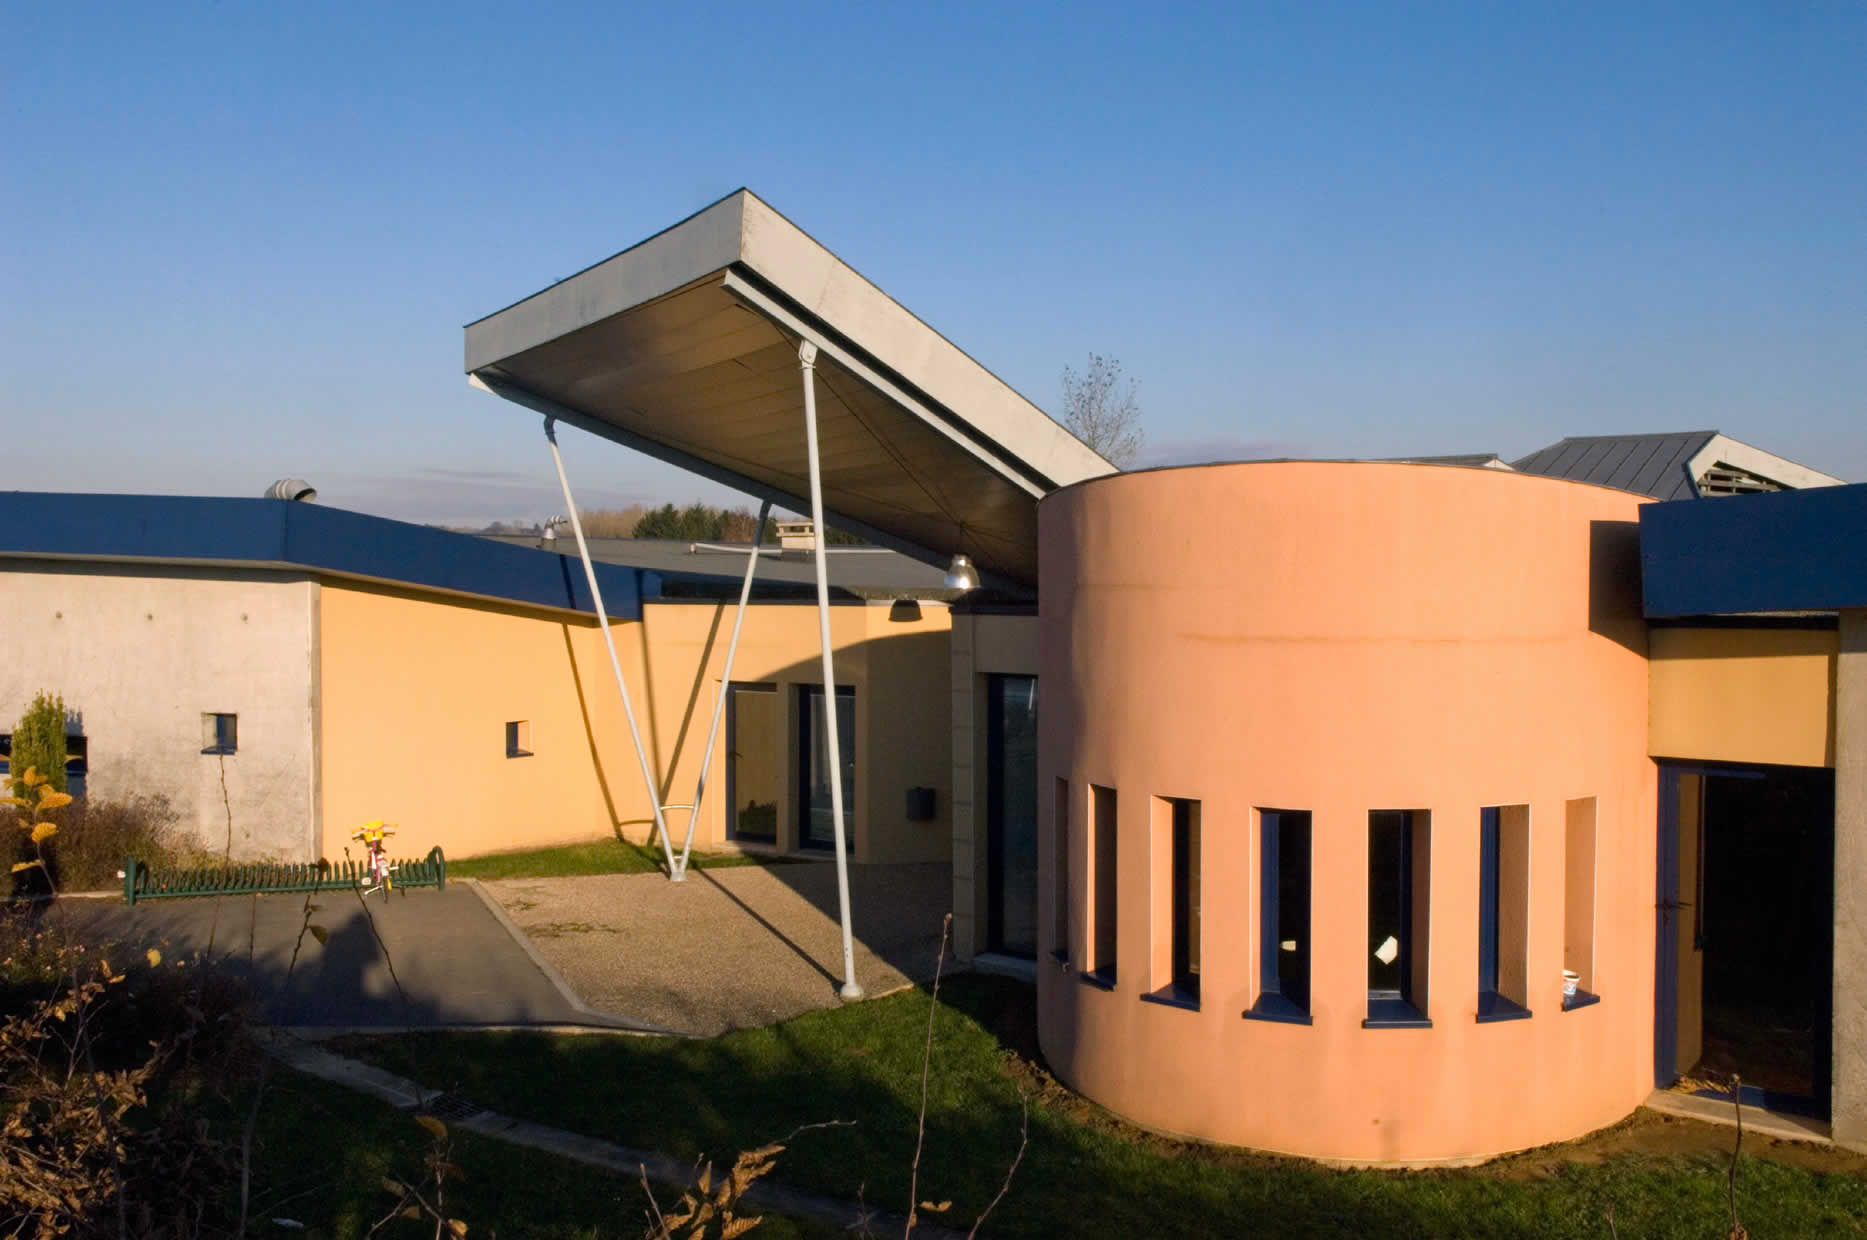 Pôle scolaire d'Auvillers les Forges - AMA Architectes